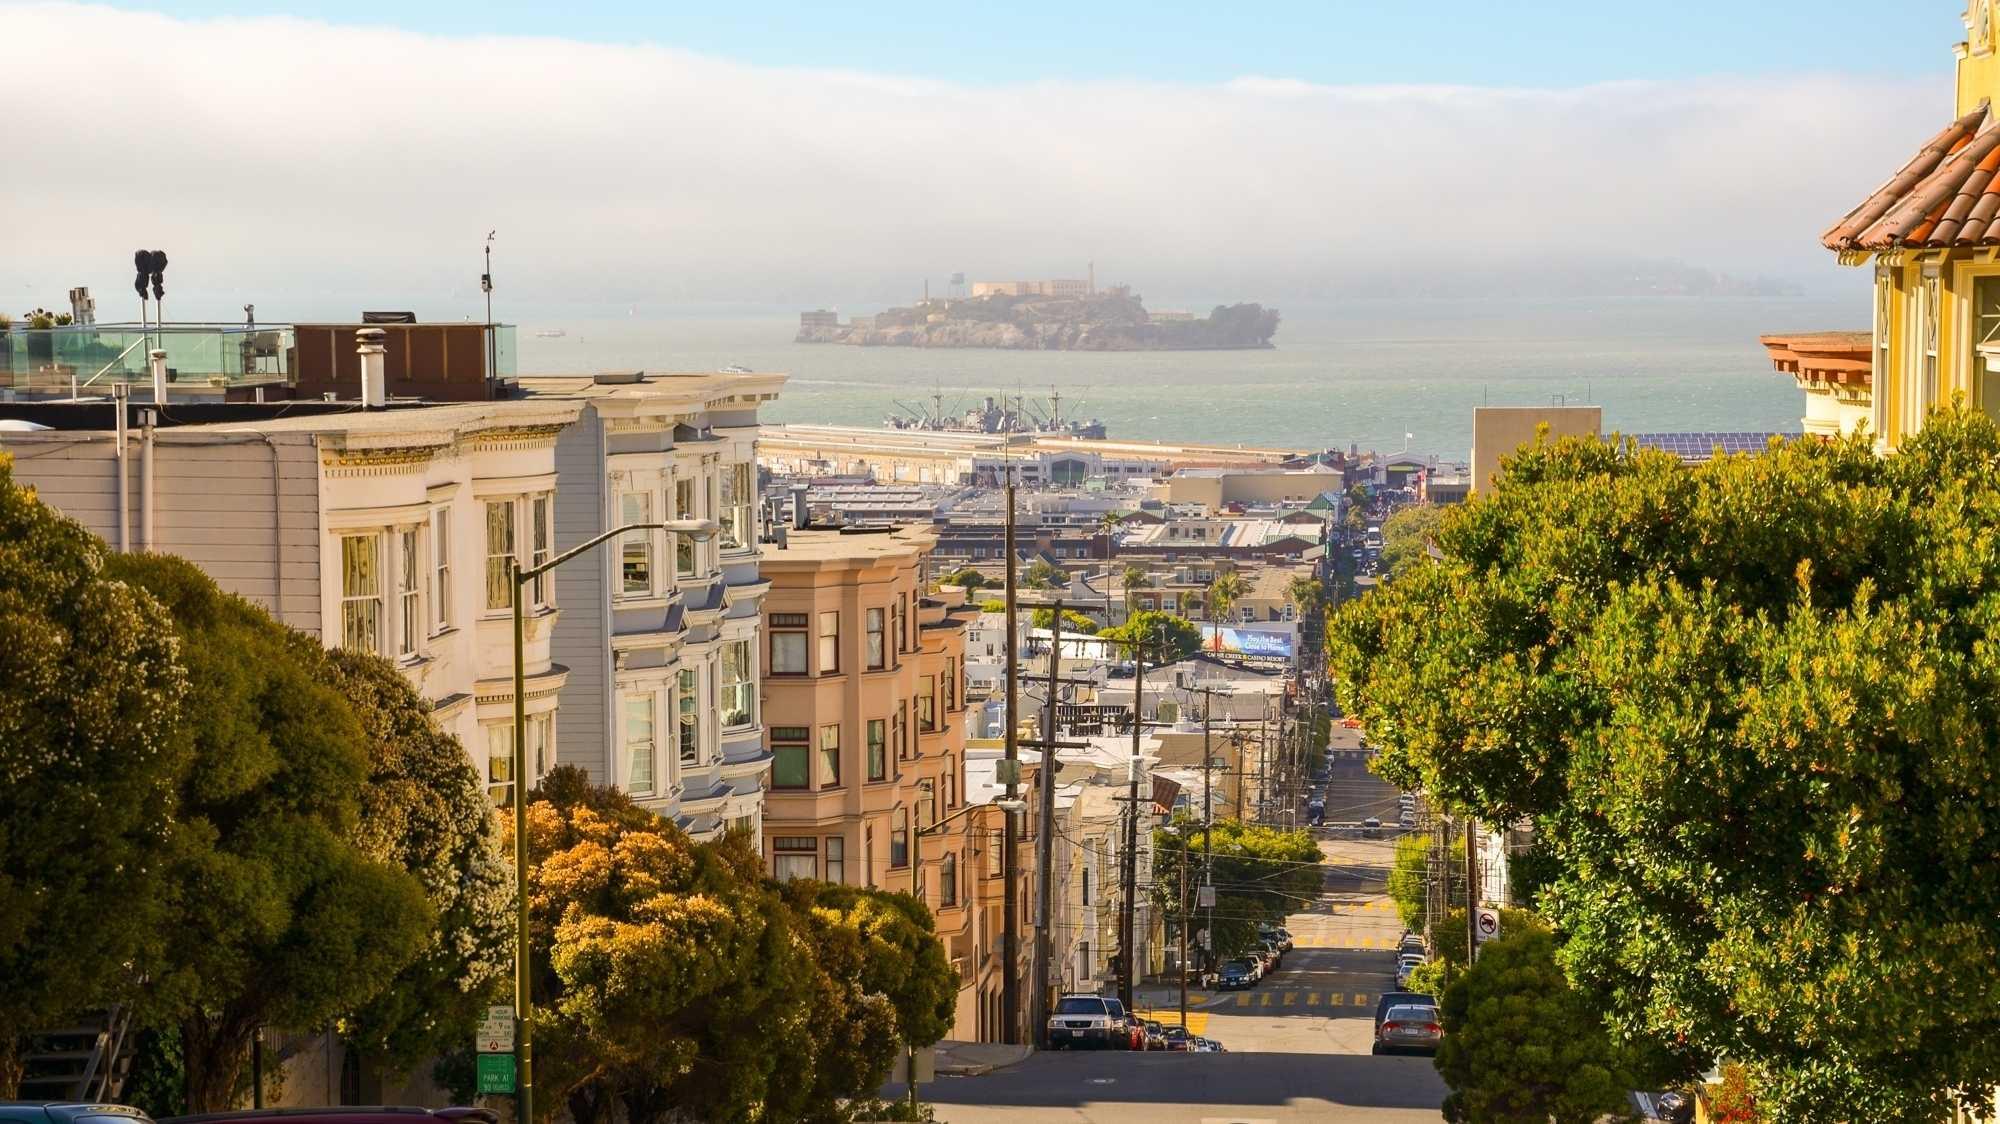 Milliardäre und Armut: Das große Tech-Beben spaltet San Francisco